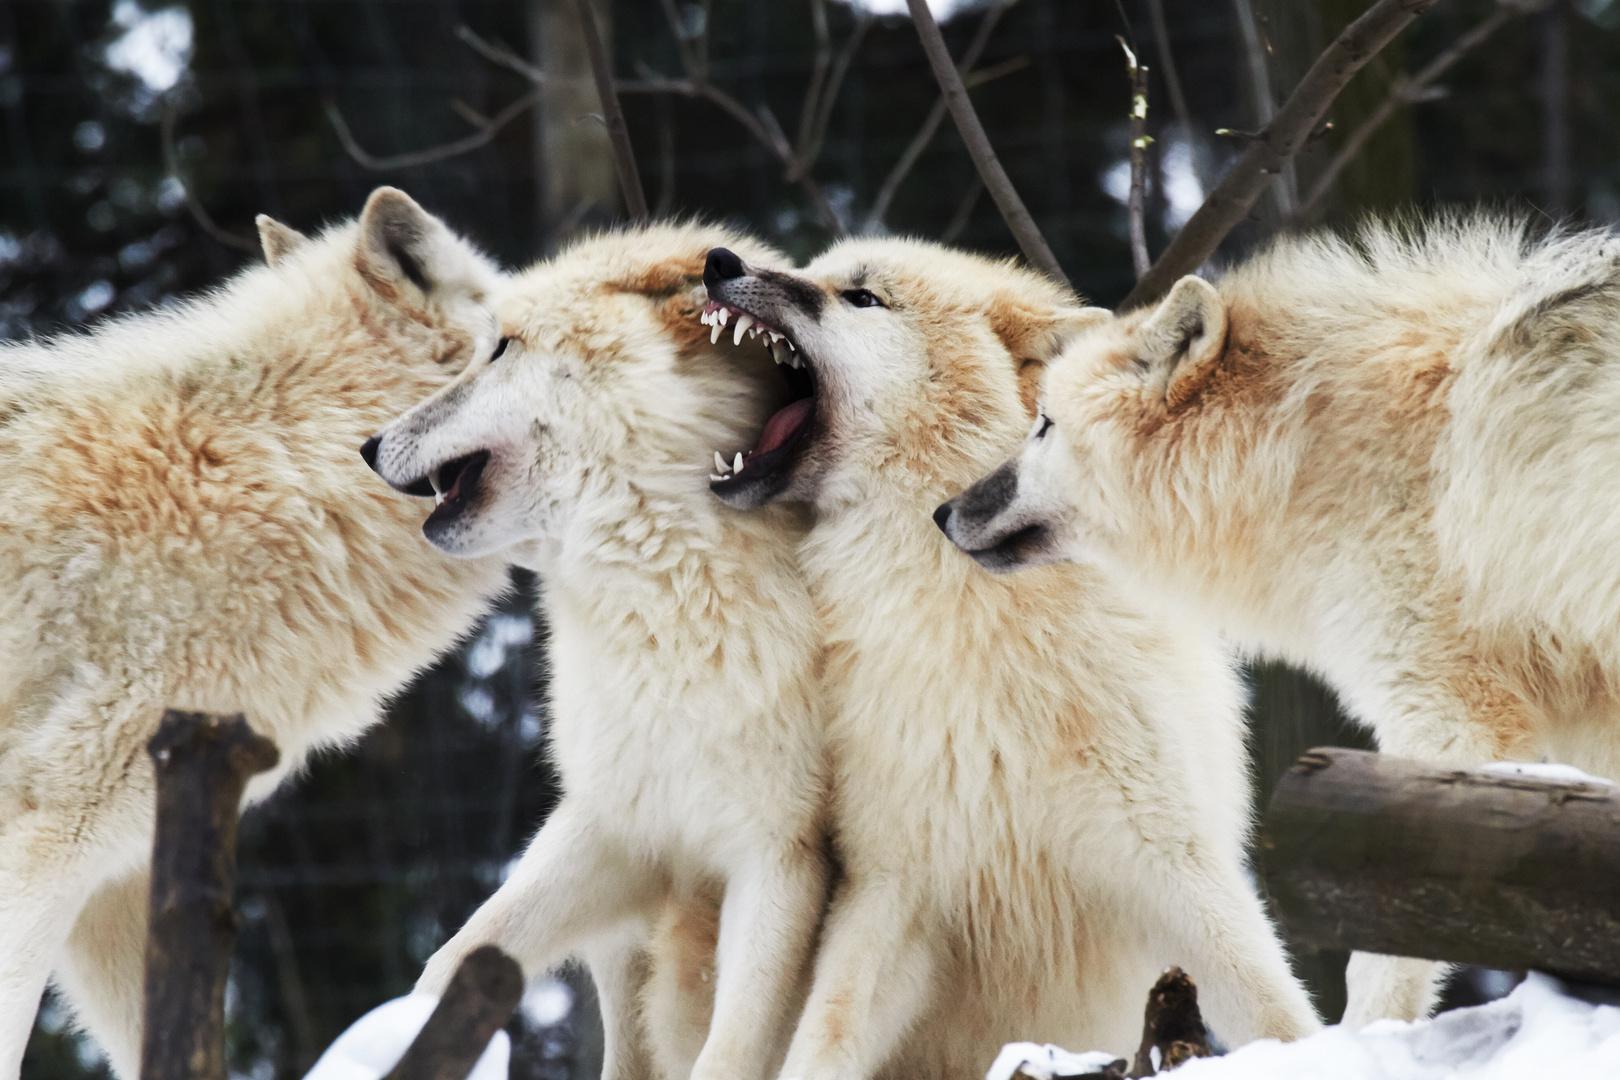 Rangordnung bei den Wölfen #2